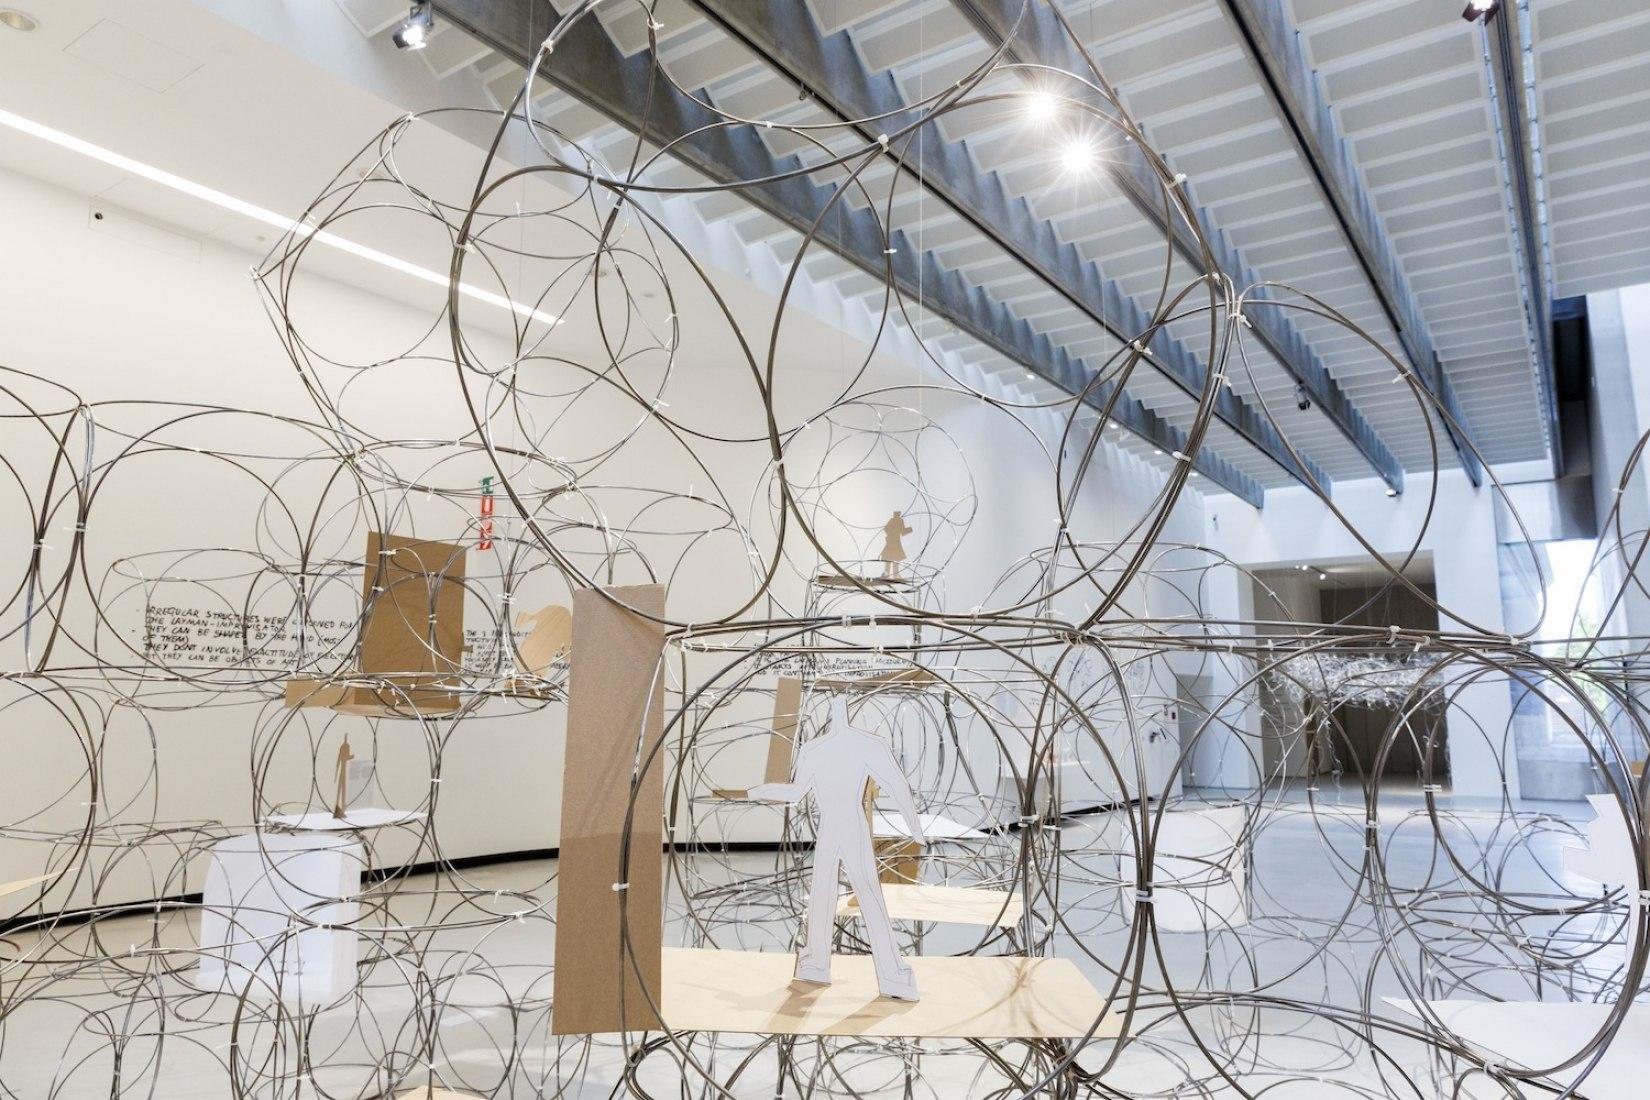 YONA FRIEDMAN. Mobile Architecture, La arquitectura de la gente - Fotografía © Musacchio&Ianniello, Imagen cortesía de Fundación MAXXI